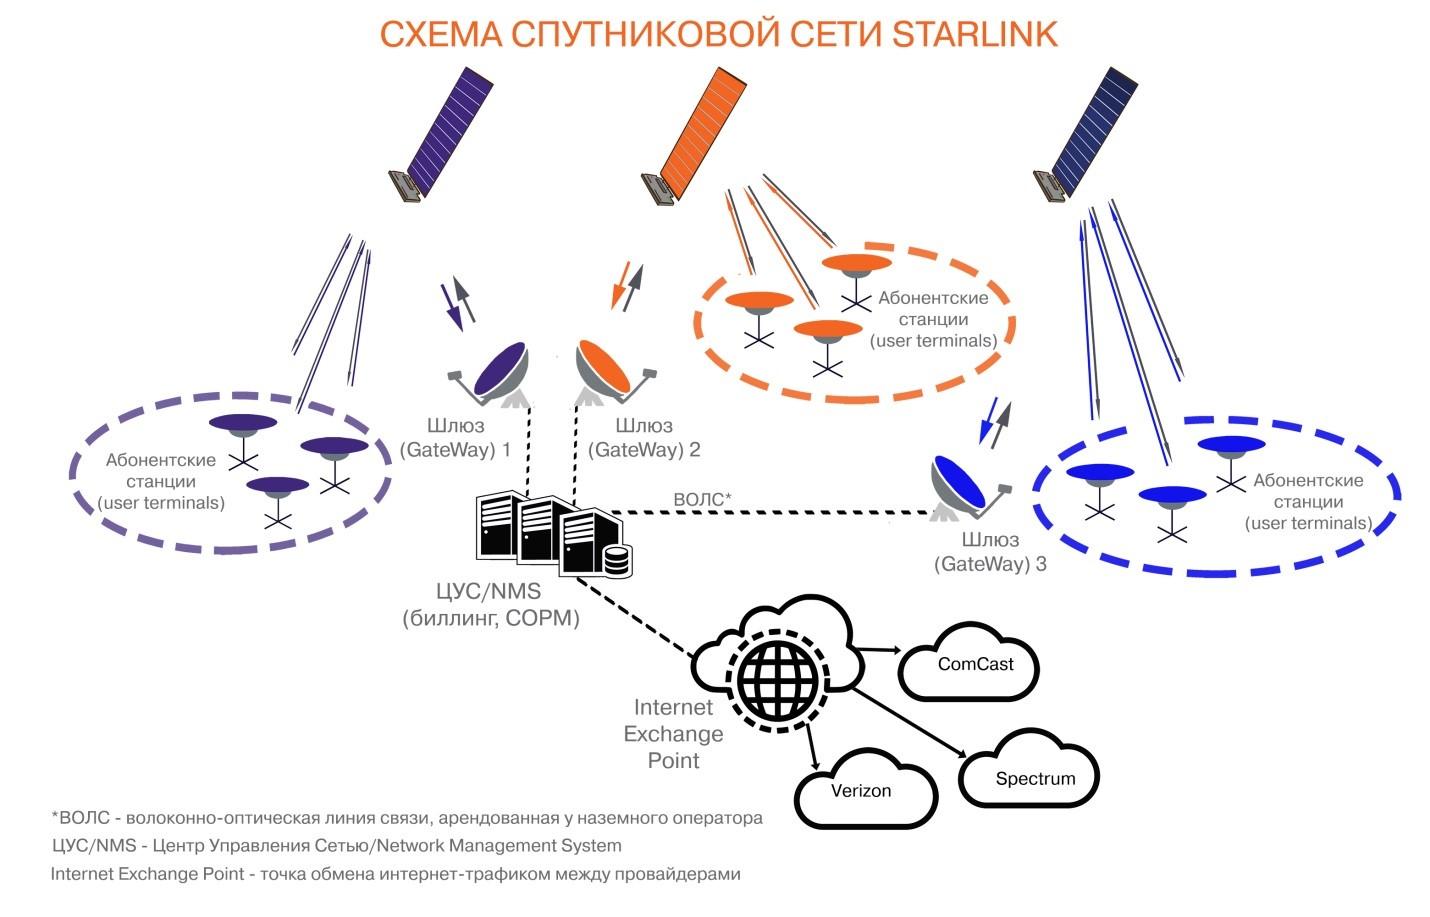 Структура глобальной спутниковой сети Starlink